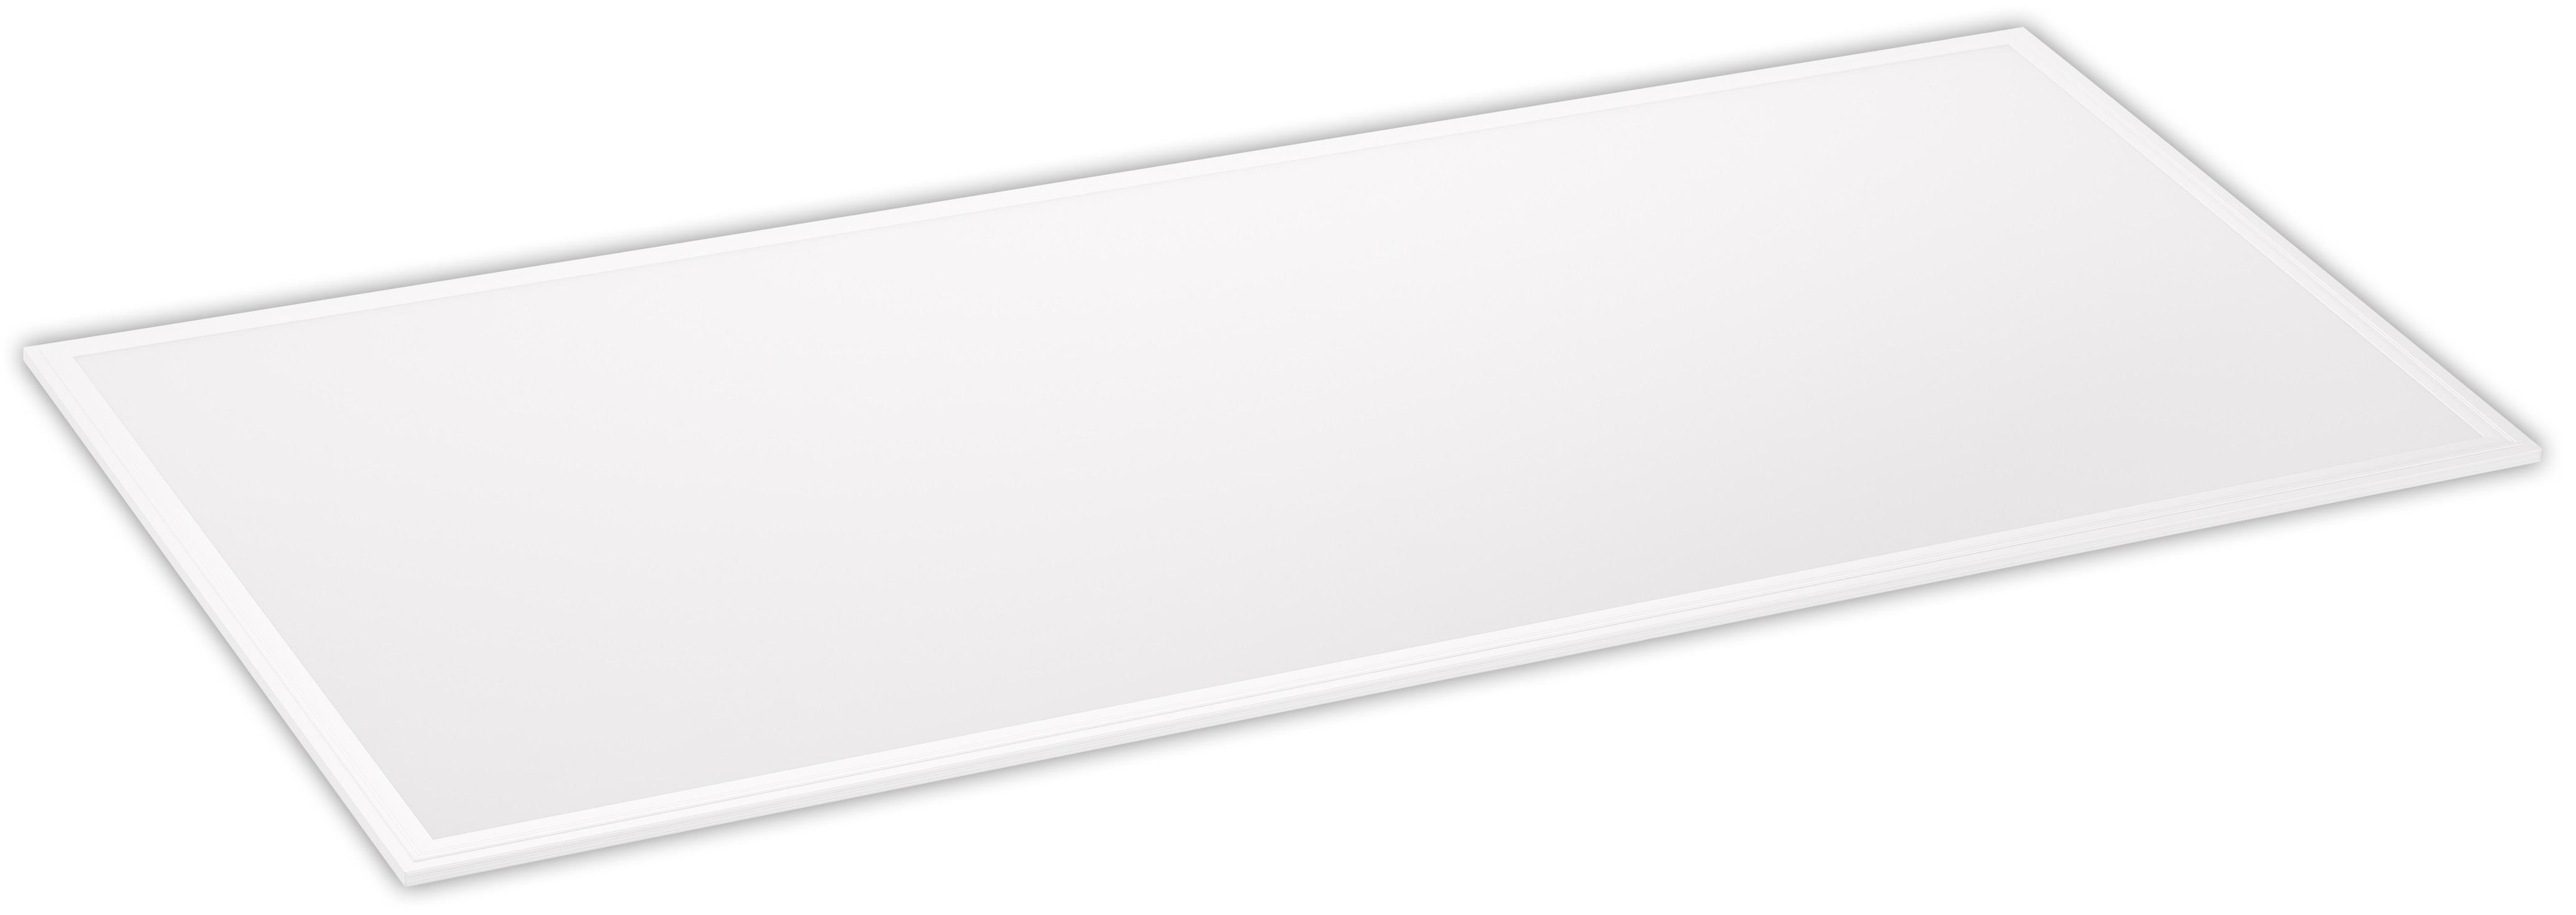 1 Stk LED Panel 42W, 4000lm, 840, 1197x297mm, 1050mA, ohne Treiber LI29001087